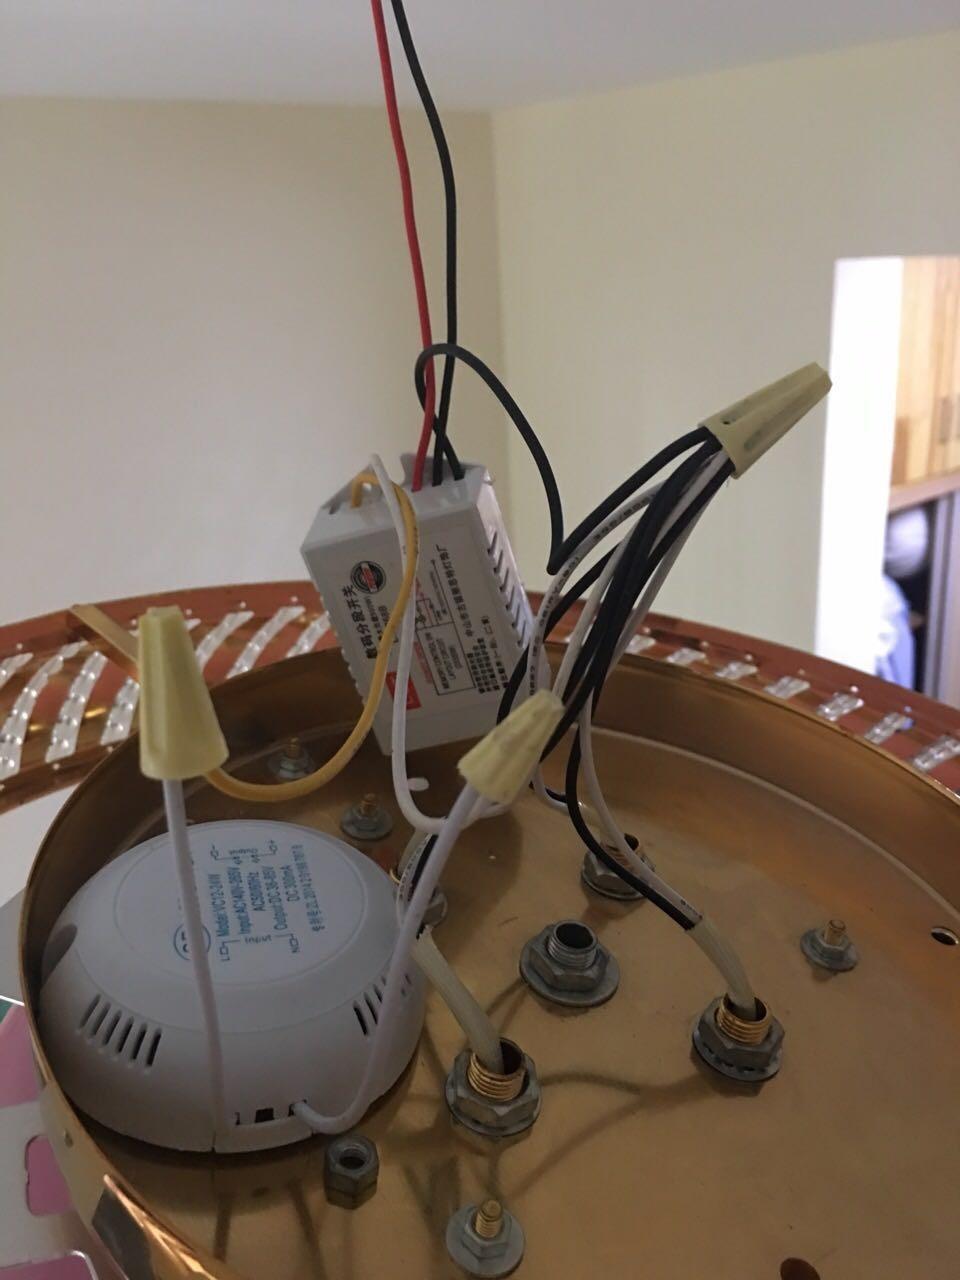 两段分段开关器怎么接_家里的吸顶灯,数码分段开关怎么接,还有LED的镇流器怎么接 ...